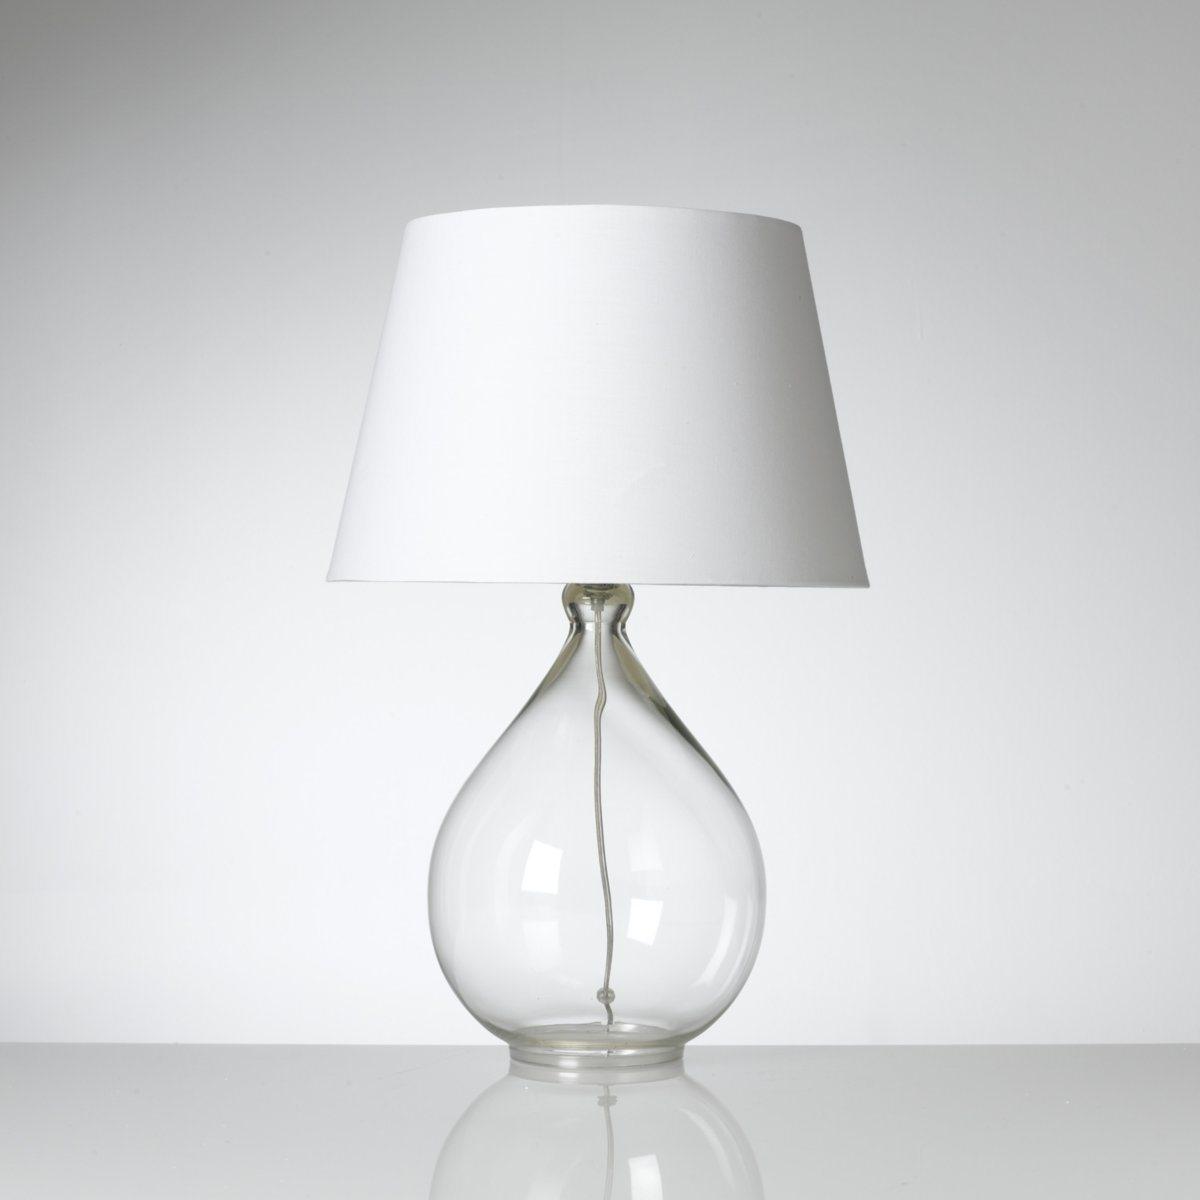 Лампа настольная, IzzaХарактеристикиОписание лампы Izza : Ножка из стекла Абажур из хлопка Электрический кабель из пластика  Характеристики лампы  Izza   : Прозрачная ножка Прозрачный электрический шнур Патрон E14 для лампочки макс. 40W   . (не входит в комплект)  Этот светильник совместим с лампочками    энергетического класса  : A-B-C-D-EВсю коллекцию светильников вы можете найти на сайте laredoute.ru.Размеры лампы Izza : Ножки :Диаметр : 25,5 смАбажур :Диаметр внизу : 35 смДиаметр верха : 25,5 см, Высота : 23 смОбщие размеры :Ширина : 35 смВысота : 53,5 смГлубина : 35 см<br><br>Цвет: прозрачный<br>Размер: единый размер